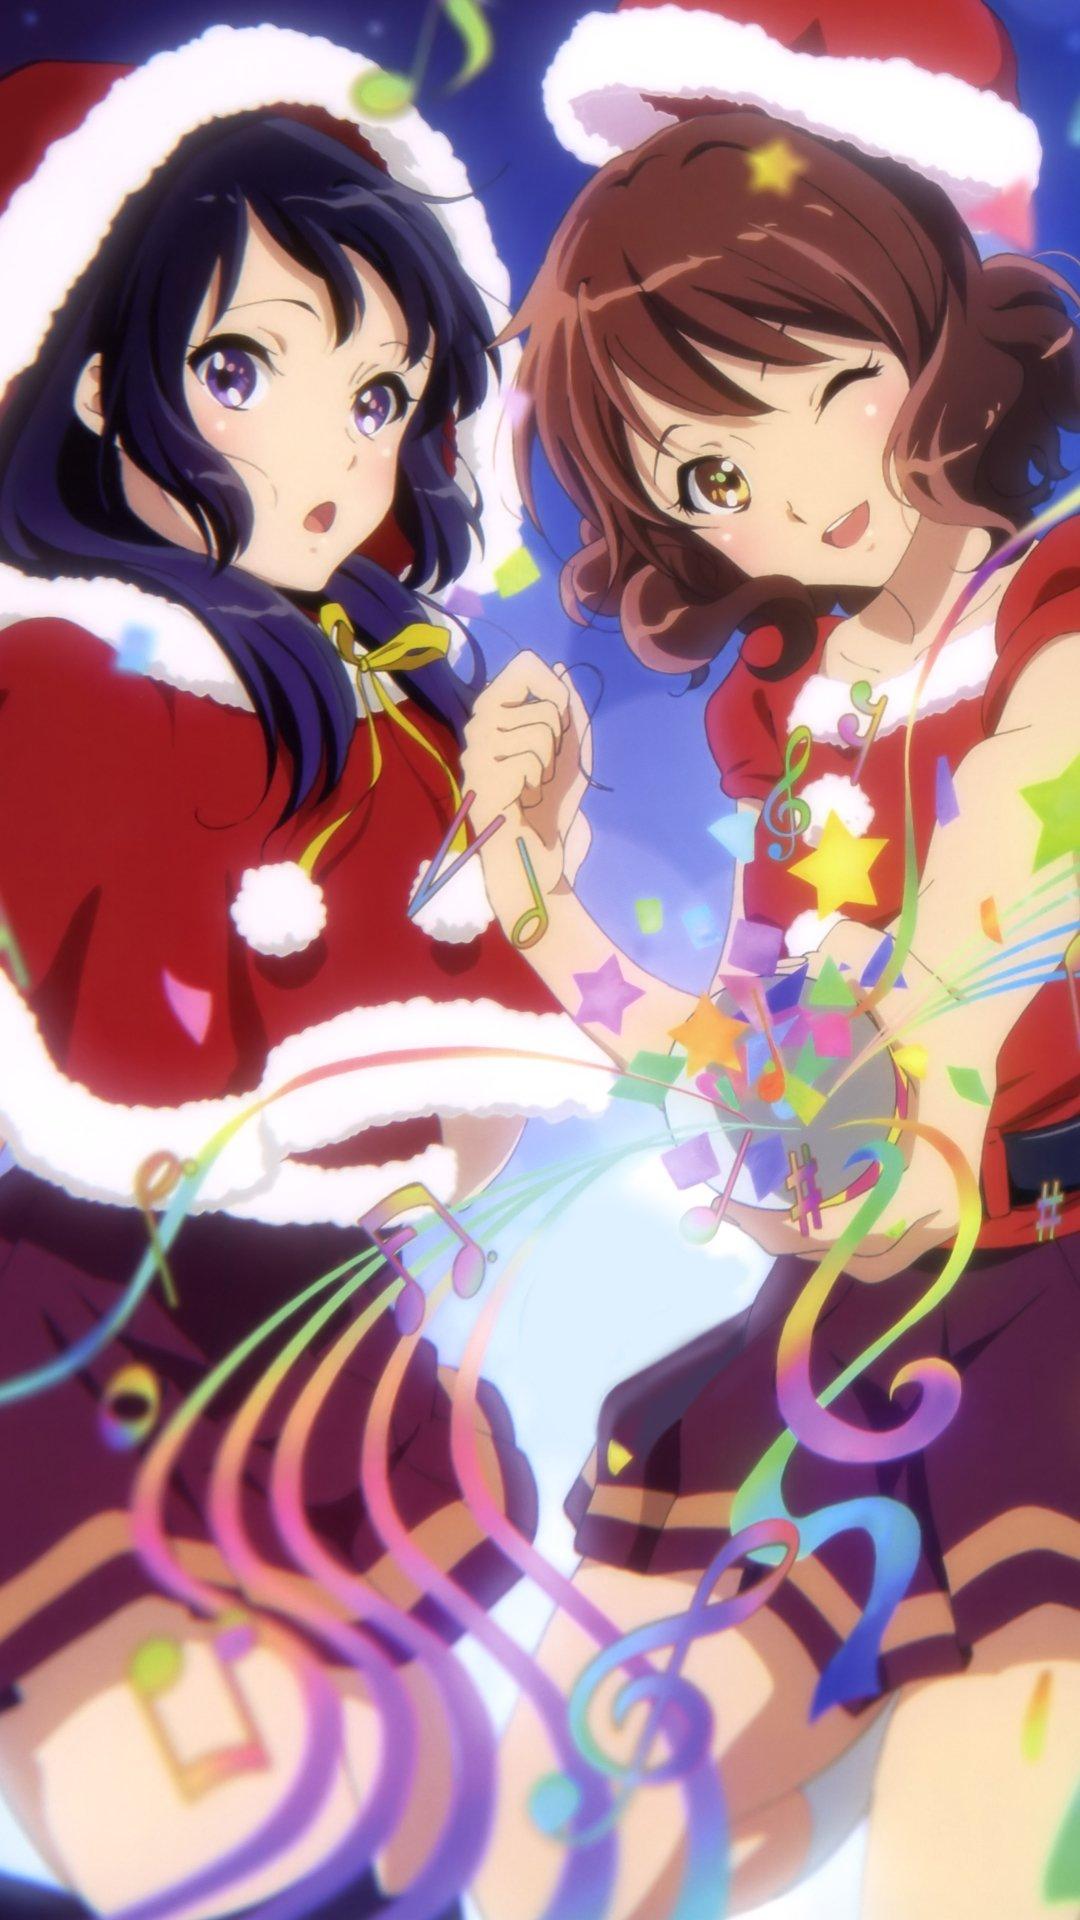 Christmas 2017 Anime Phone Wallpapers